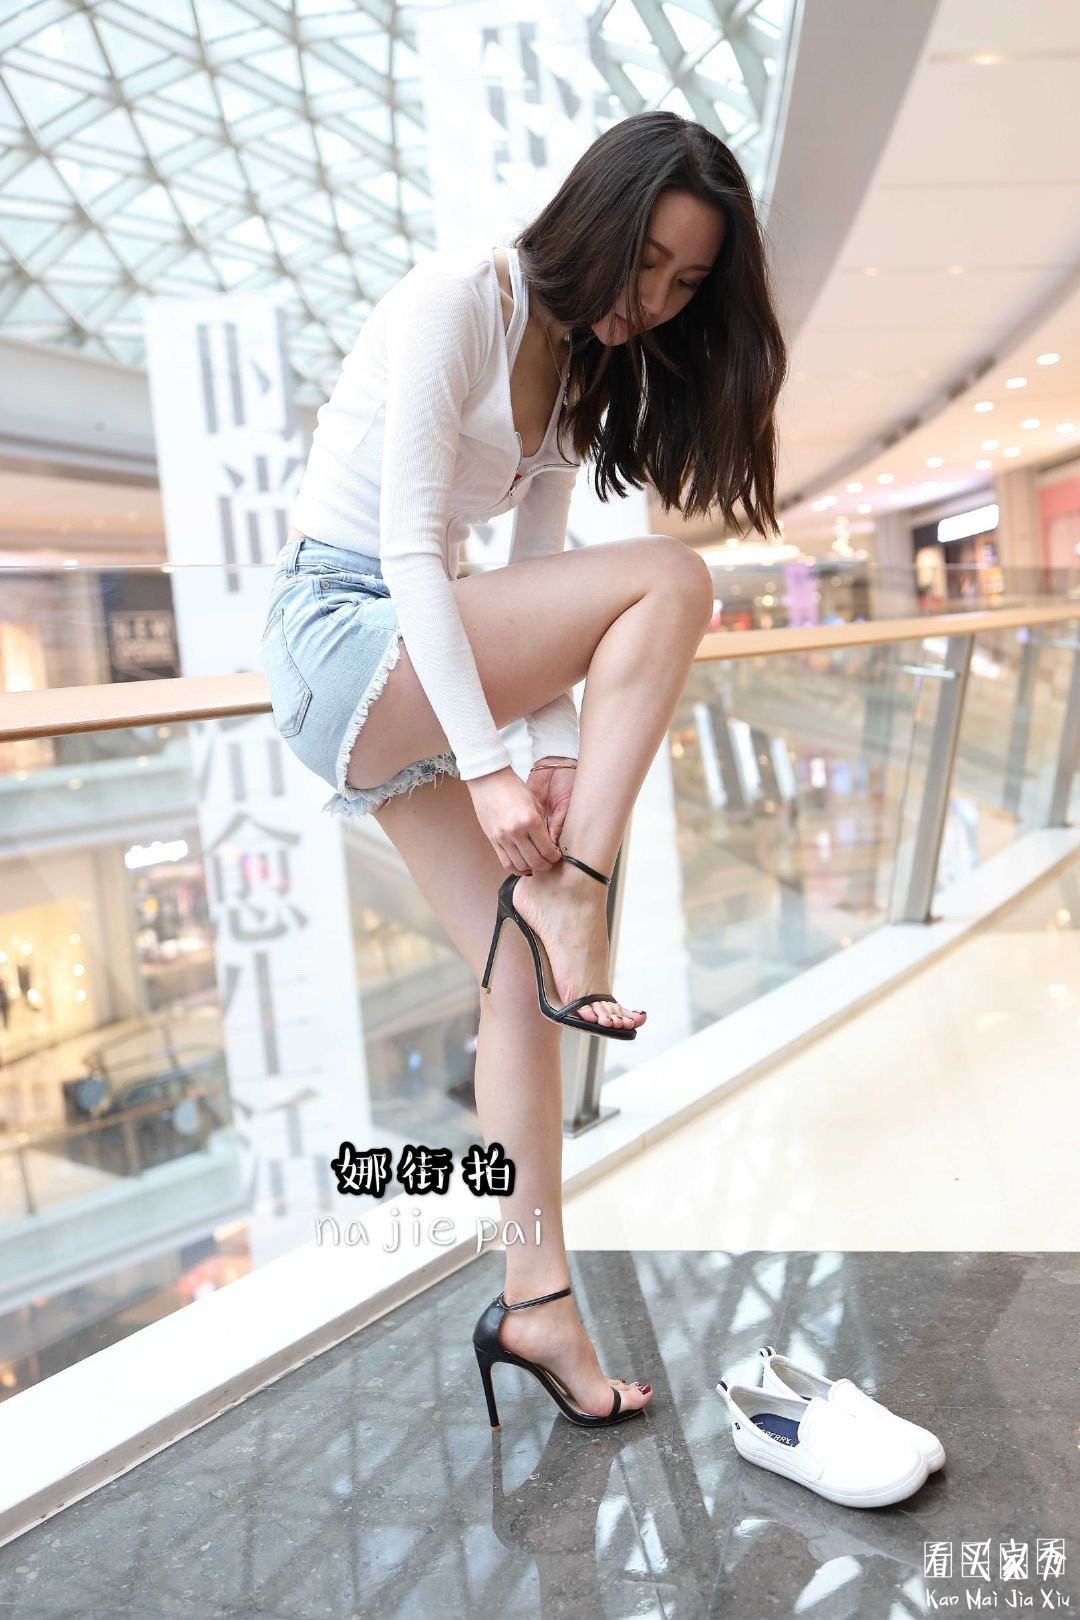 [街拍美女]娜街拍大尺度超短热裤蜜桃臀美女,这臀部流线,堪称魔鬼身材5